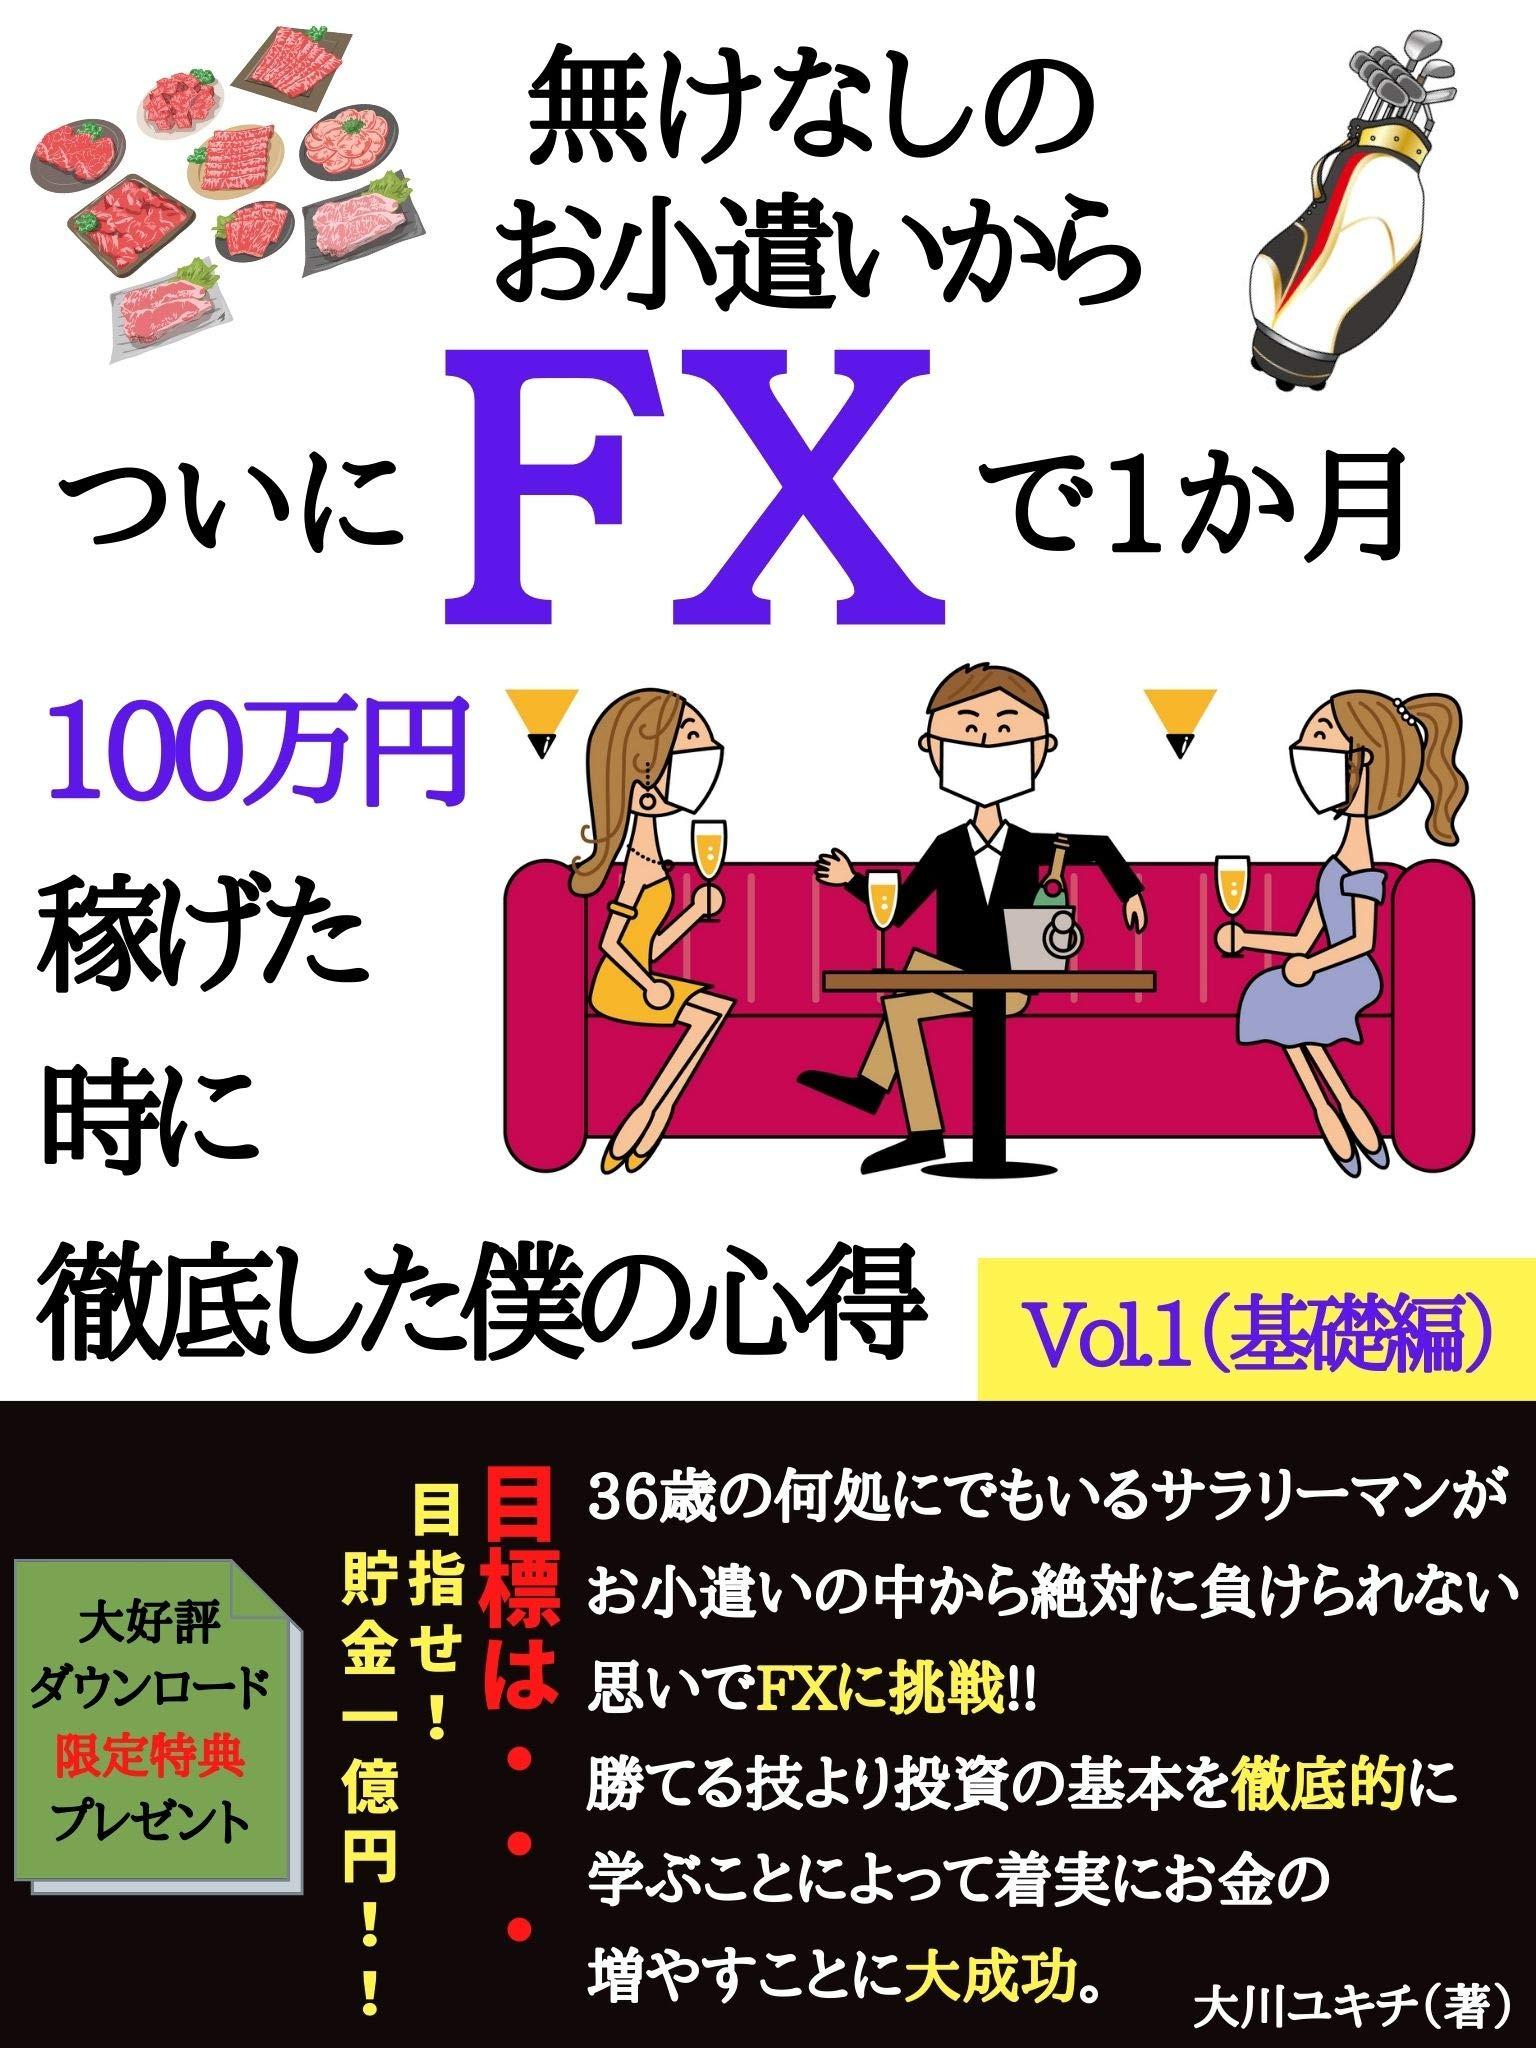 nakenashinookodukaikaratsuiniFXdeikkagetsuhyakumanenkasegetatokinitetteishitabokunokokoroe: kisohen (Japanese Edition)